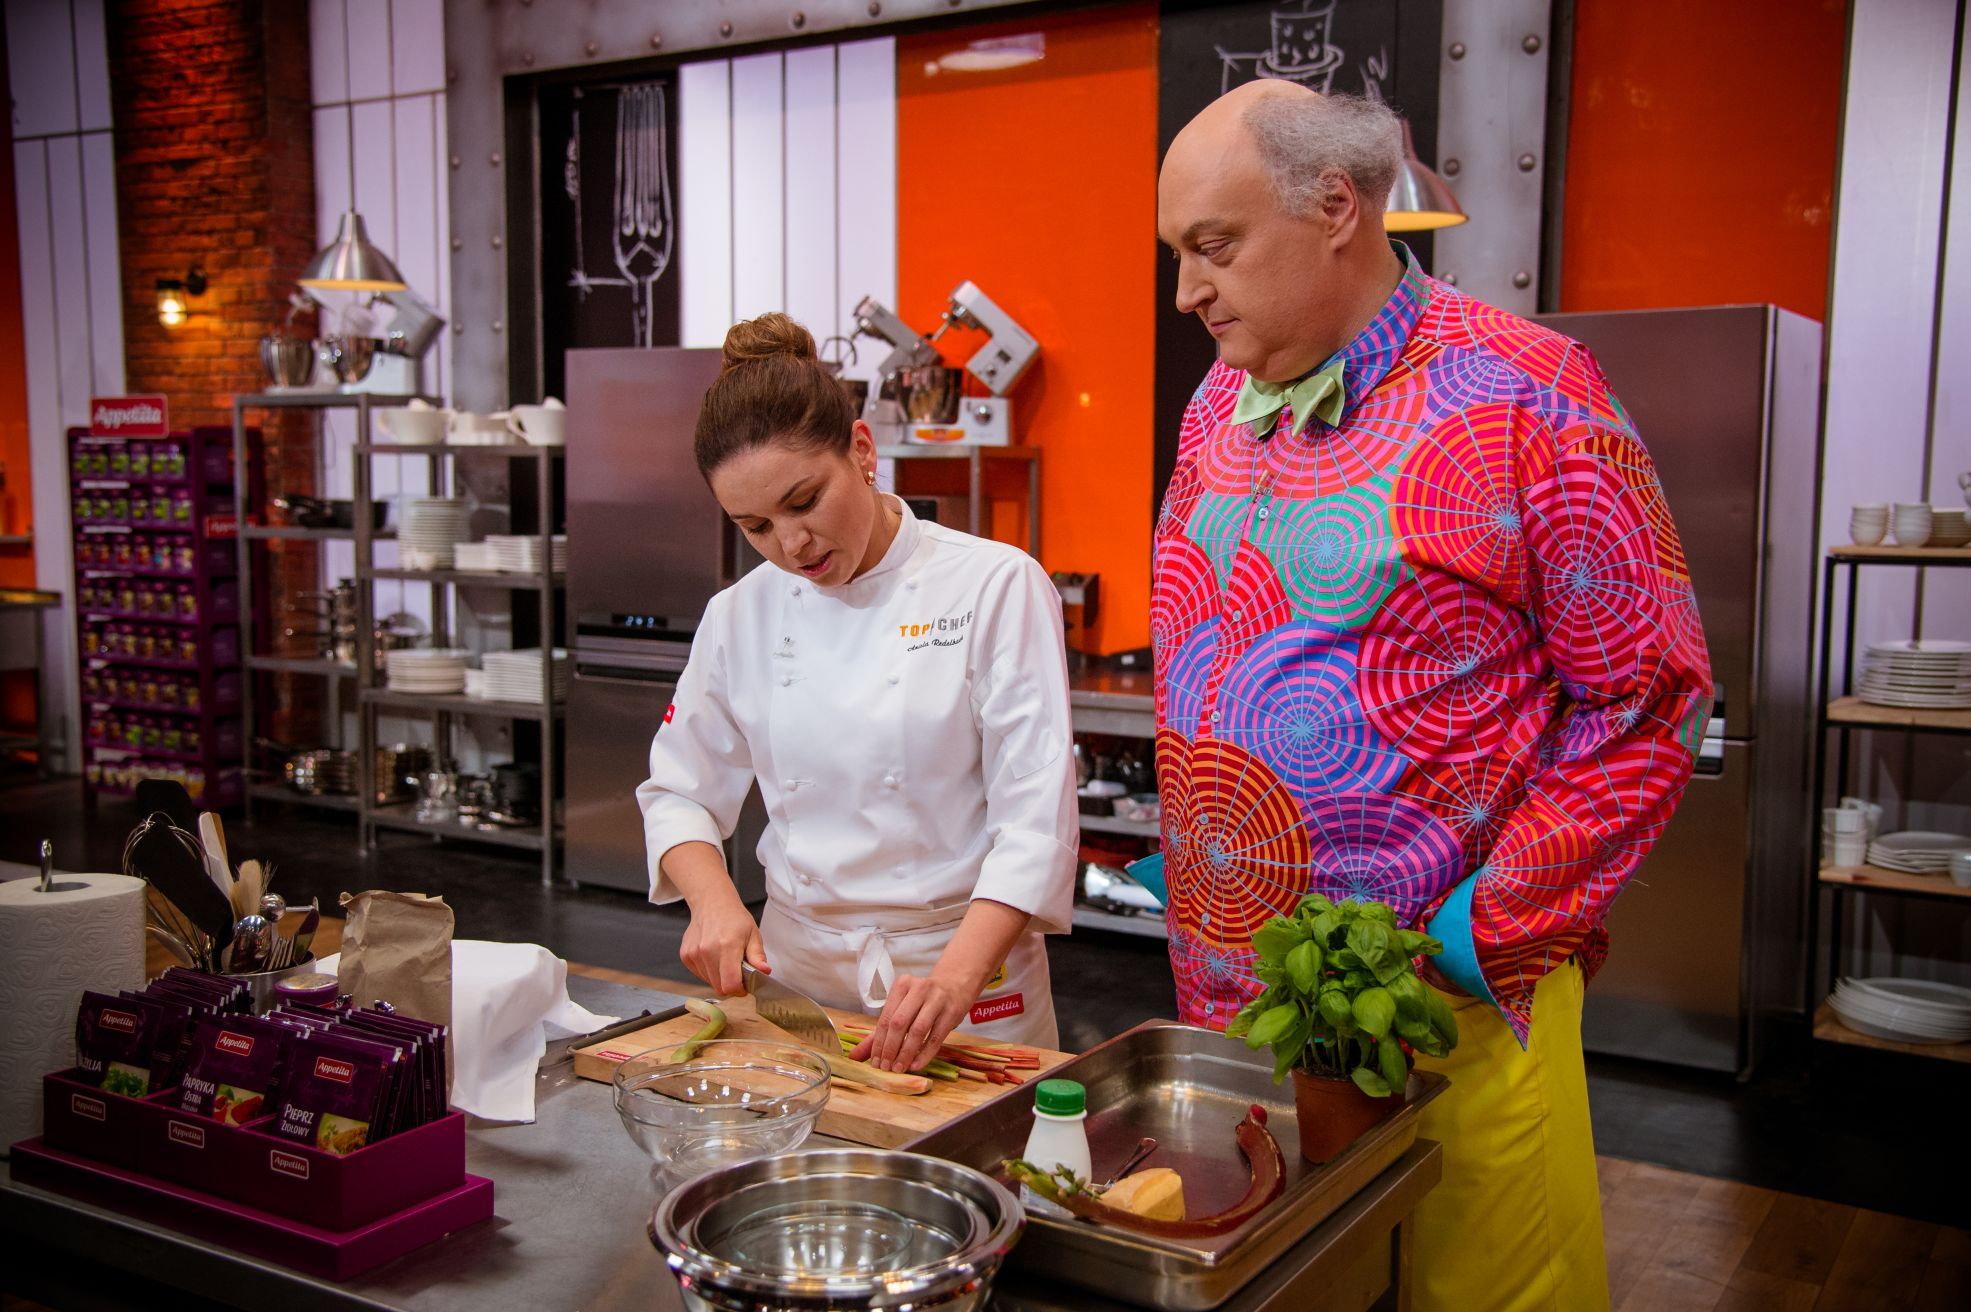 Rusza 5 Edycja Programu Top Chef Zobacz Kto Będzie